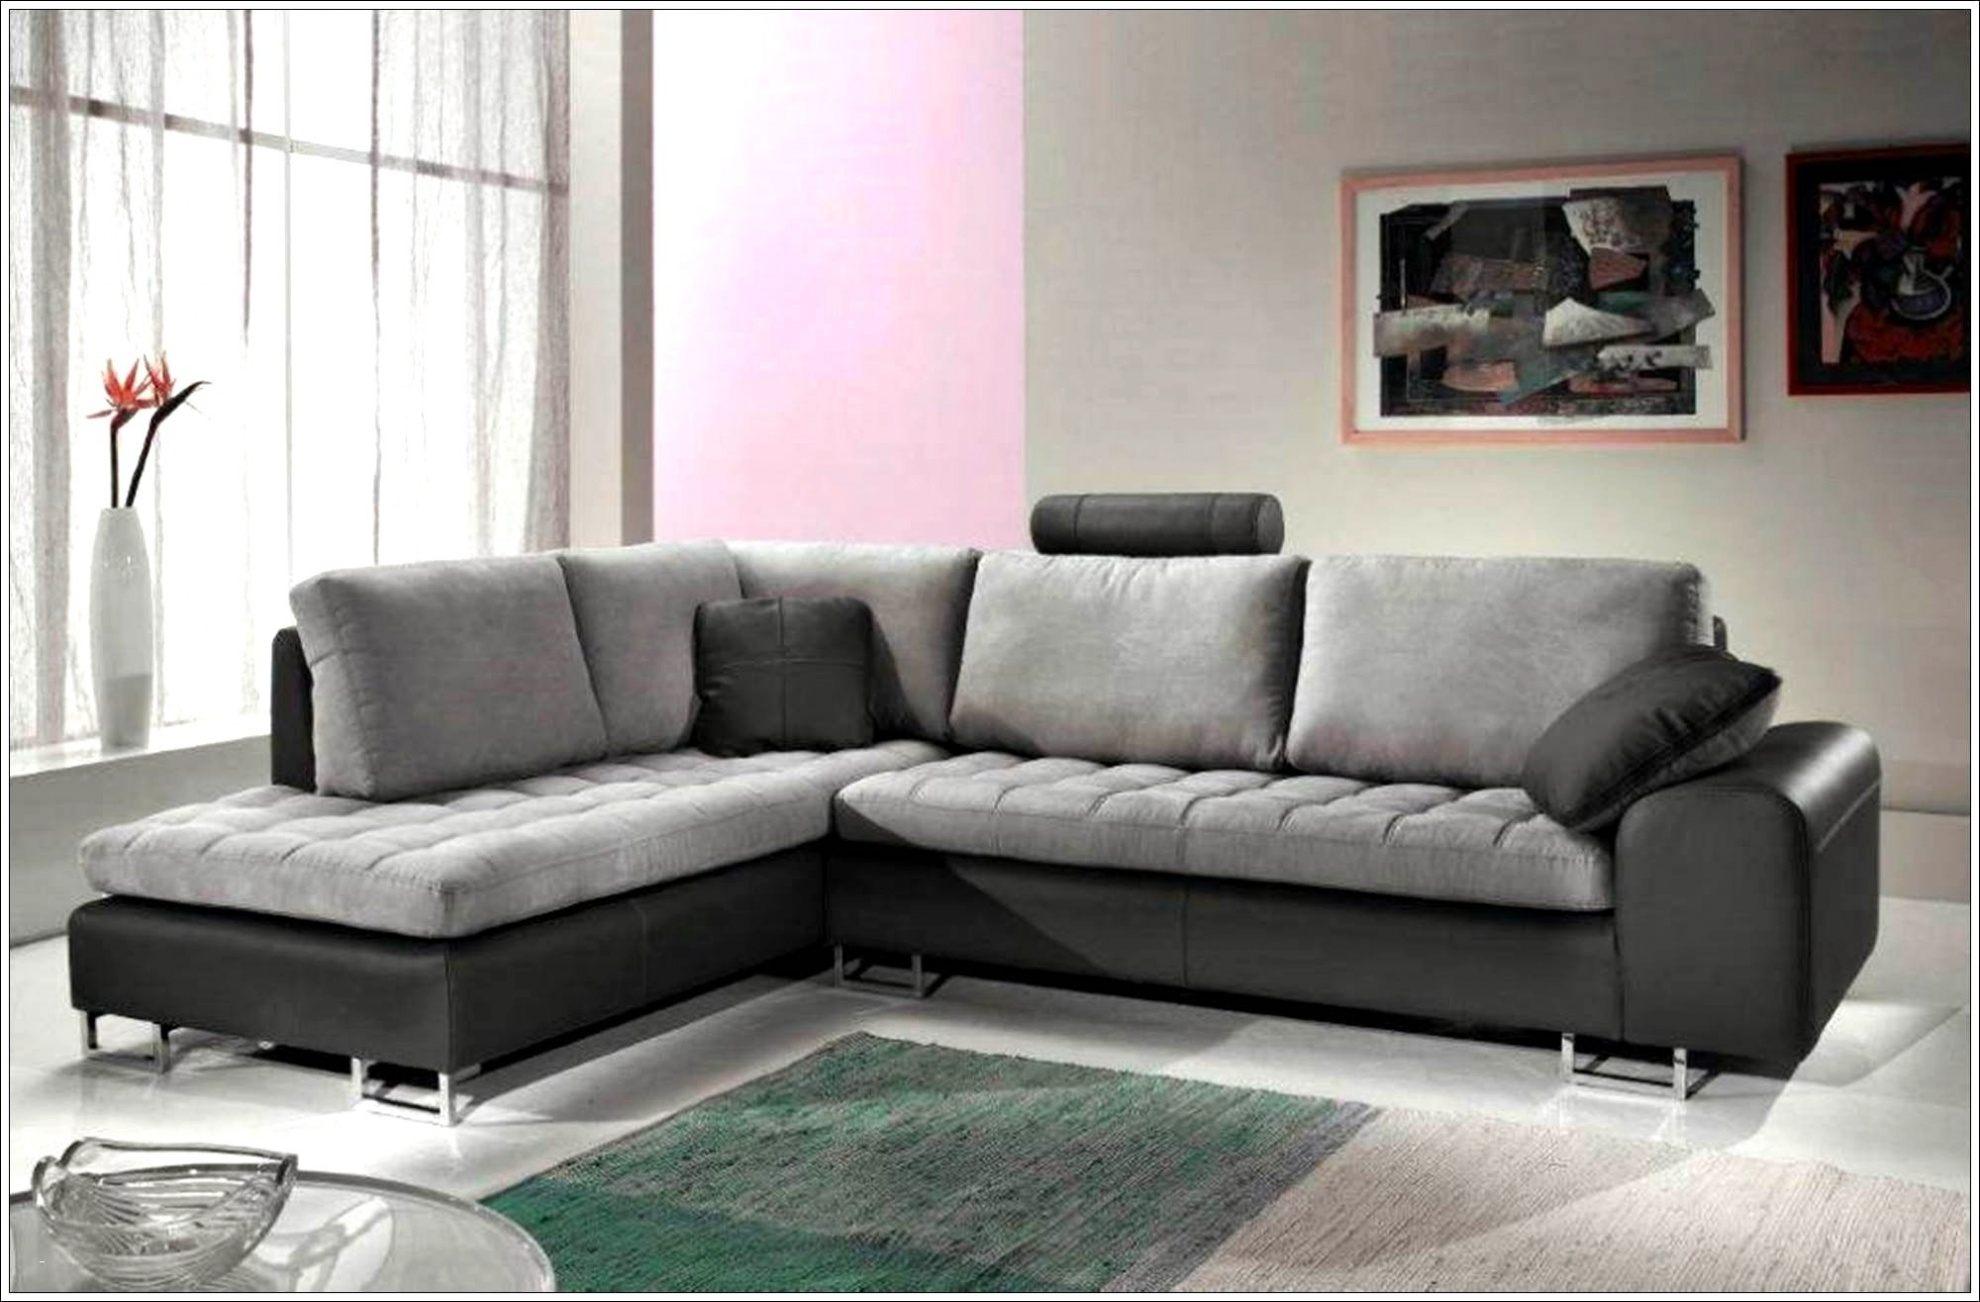 Canapé Lit Une Place Unique Fascinant Canape D Angle Lit  Conforama Canapé Lit 2 Places Maha De